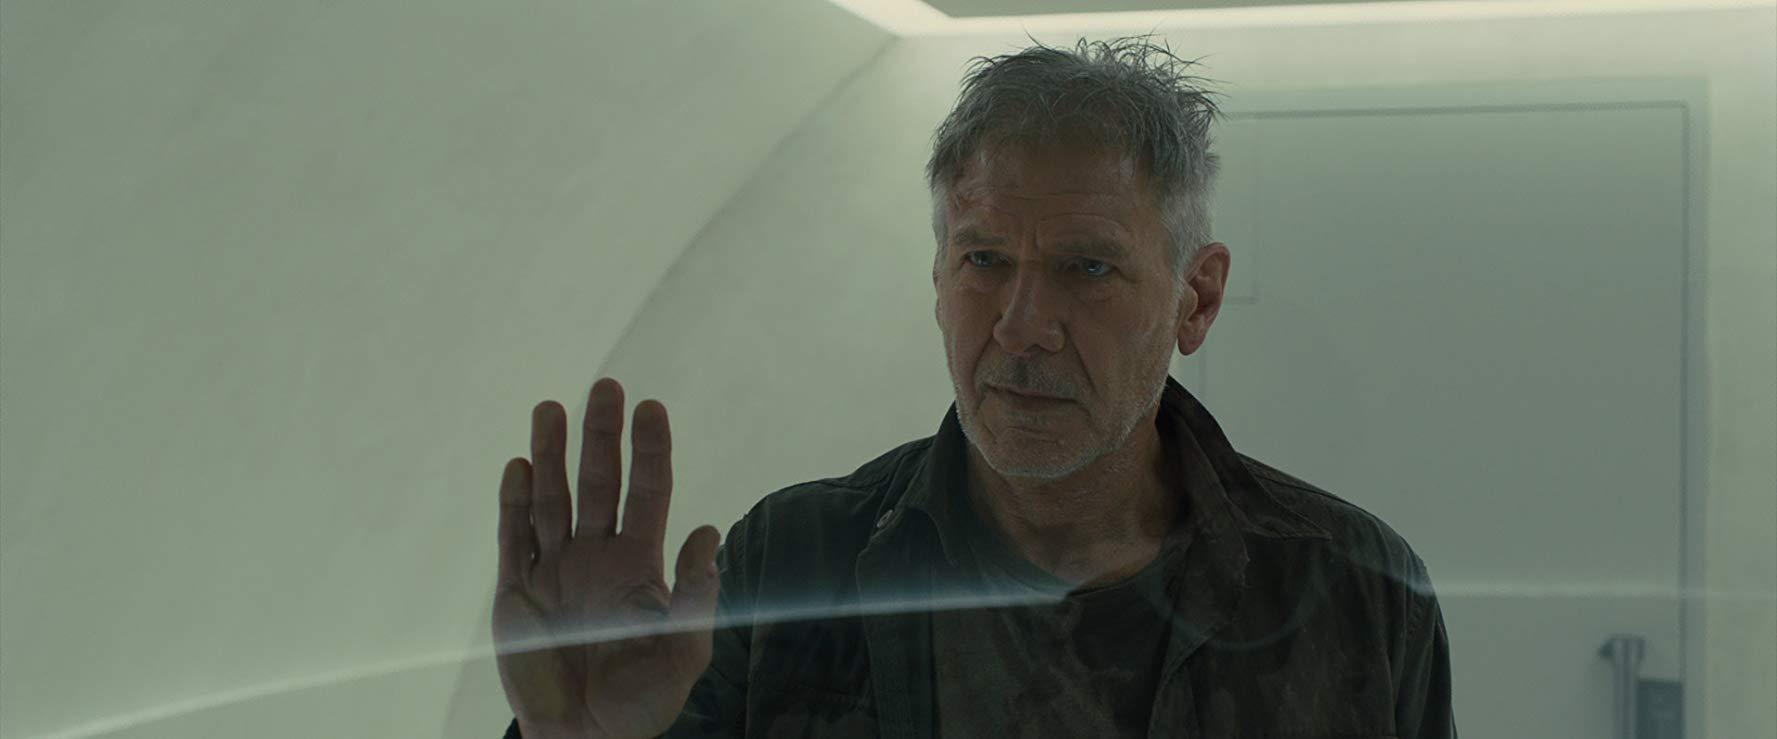 Deckard sees Ana.jpg